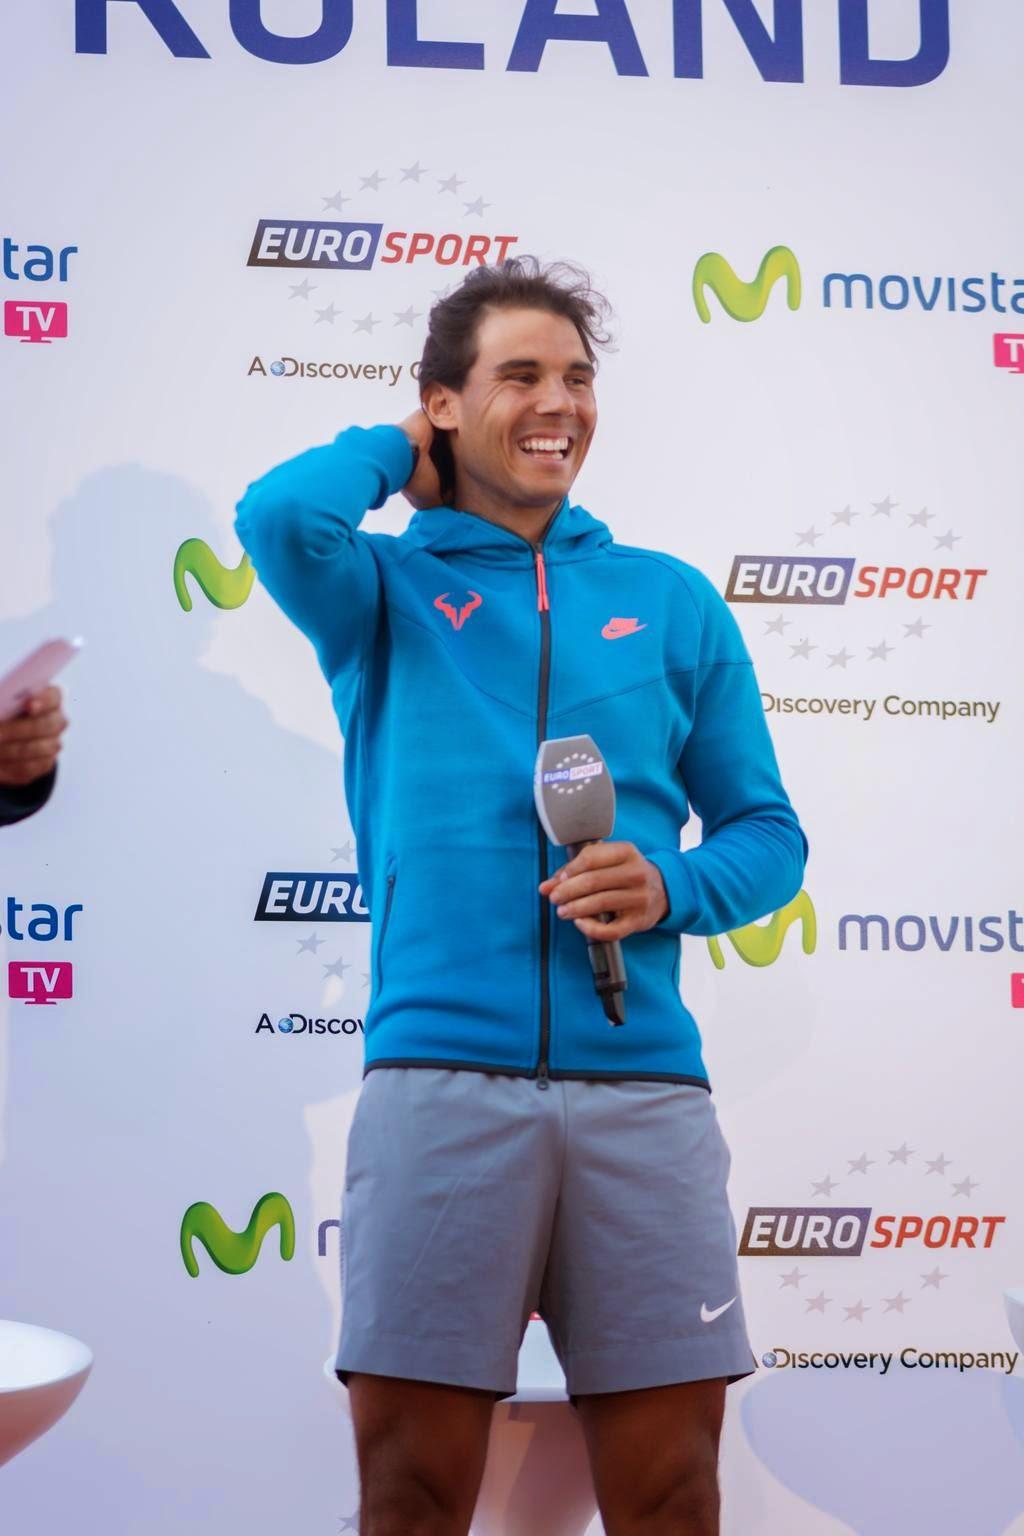 Movistar/ES